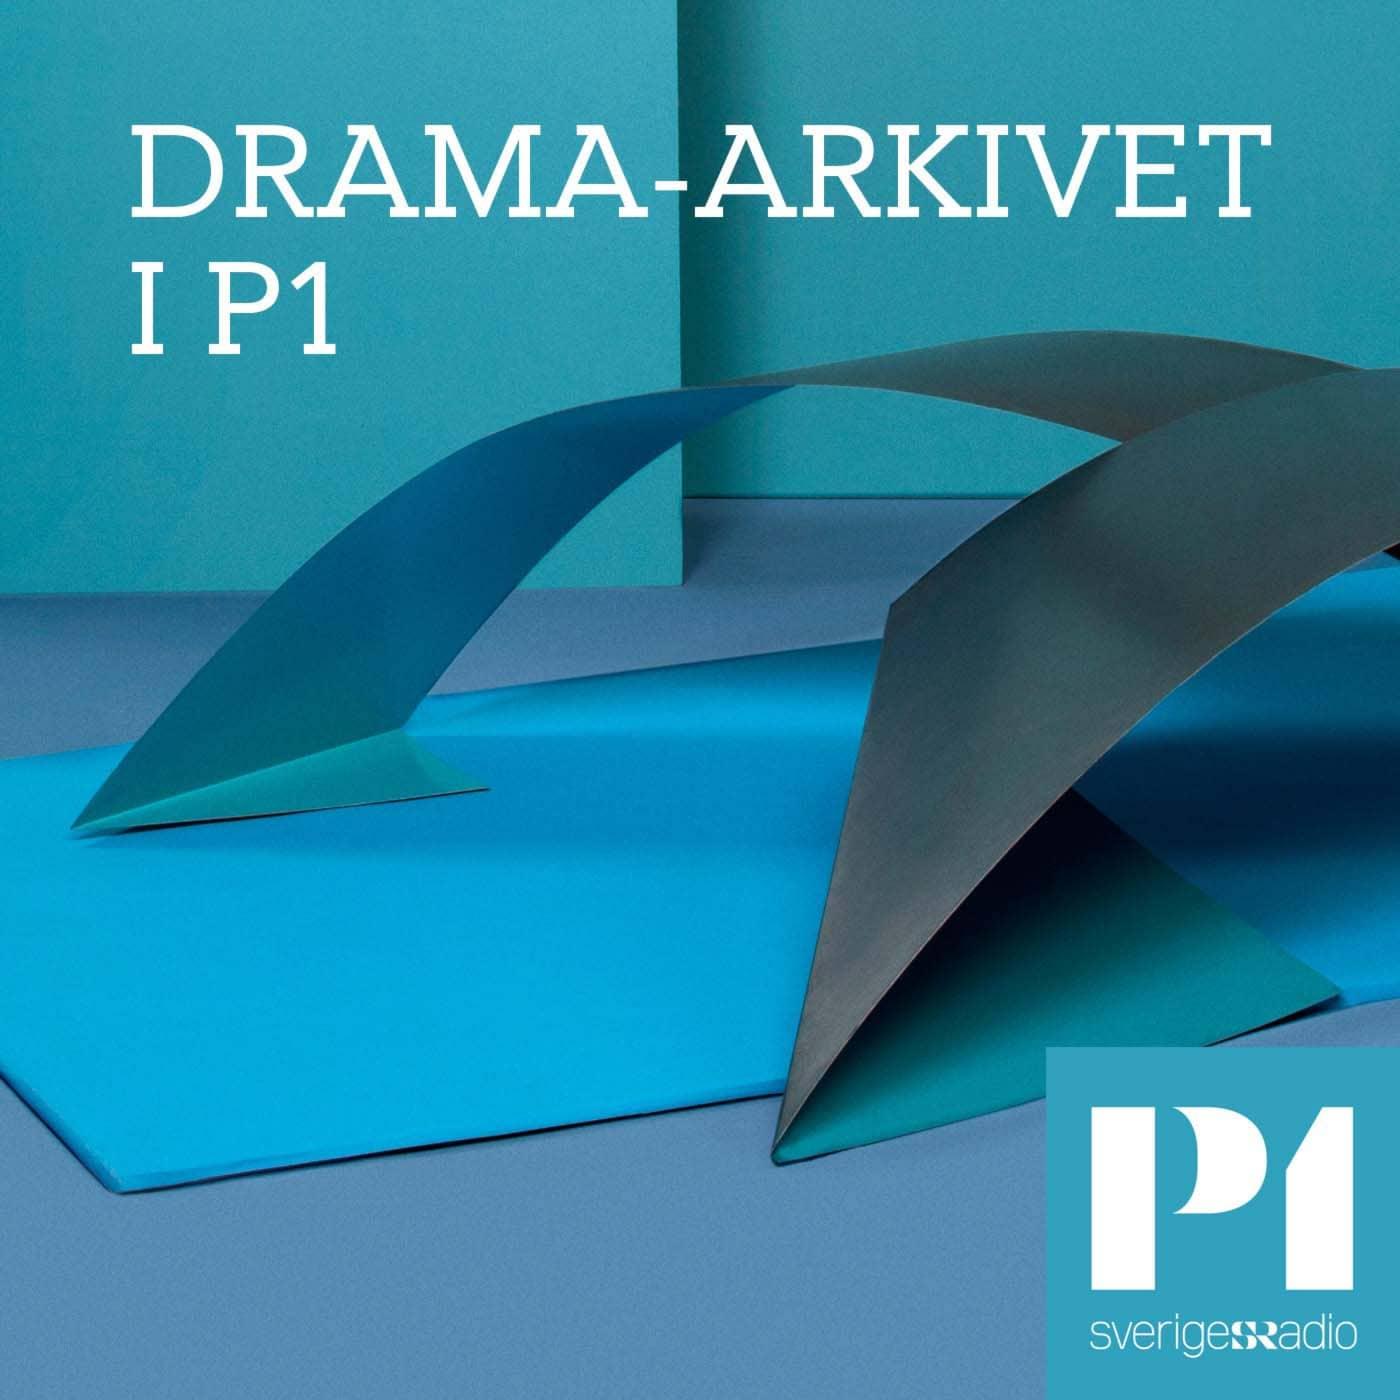 Drama-arkivet i P1